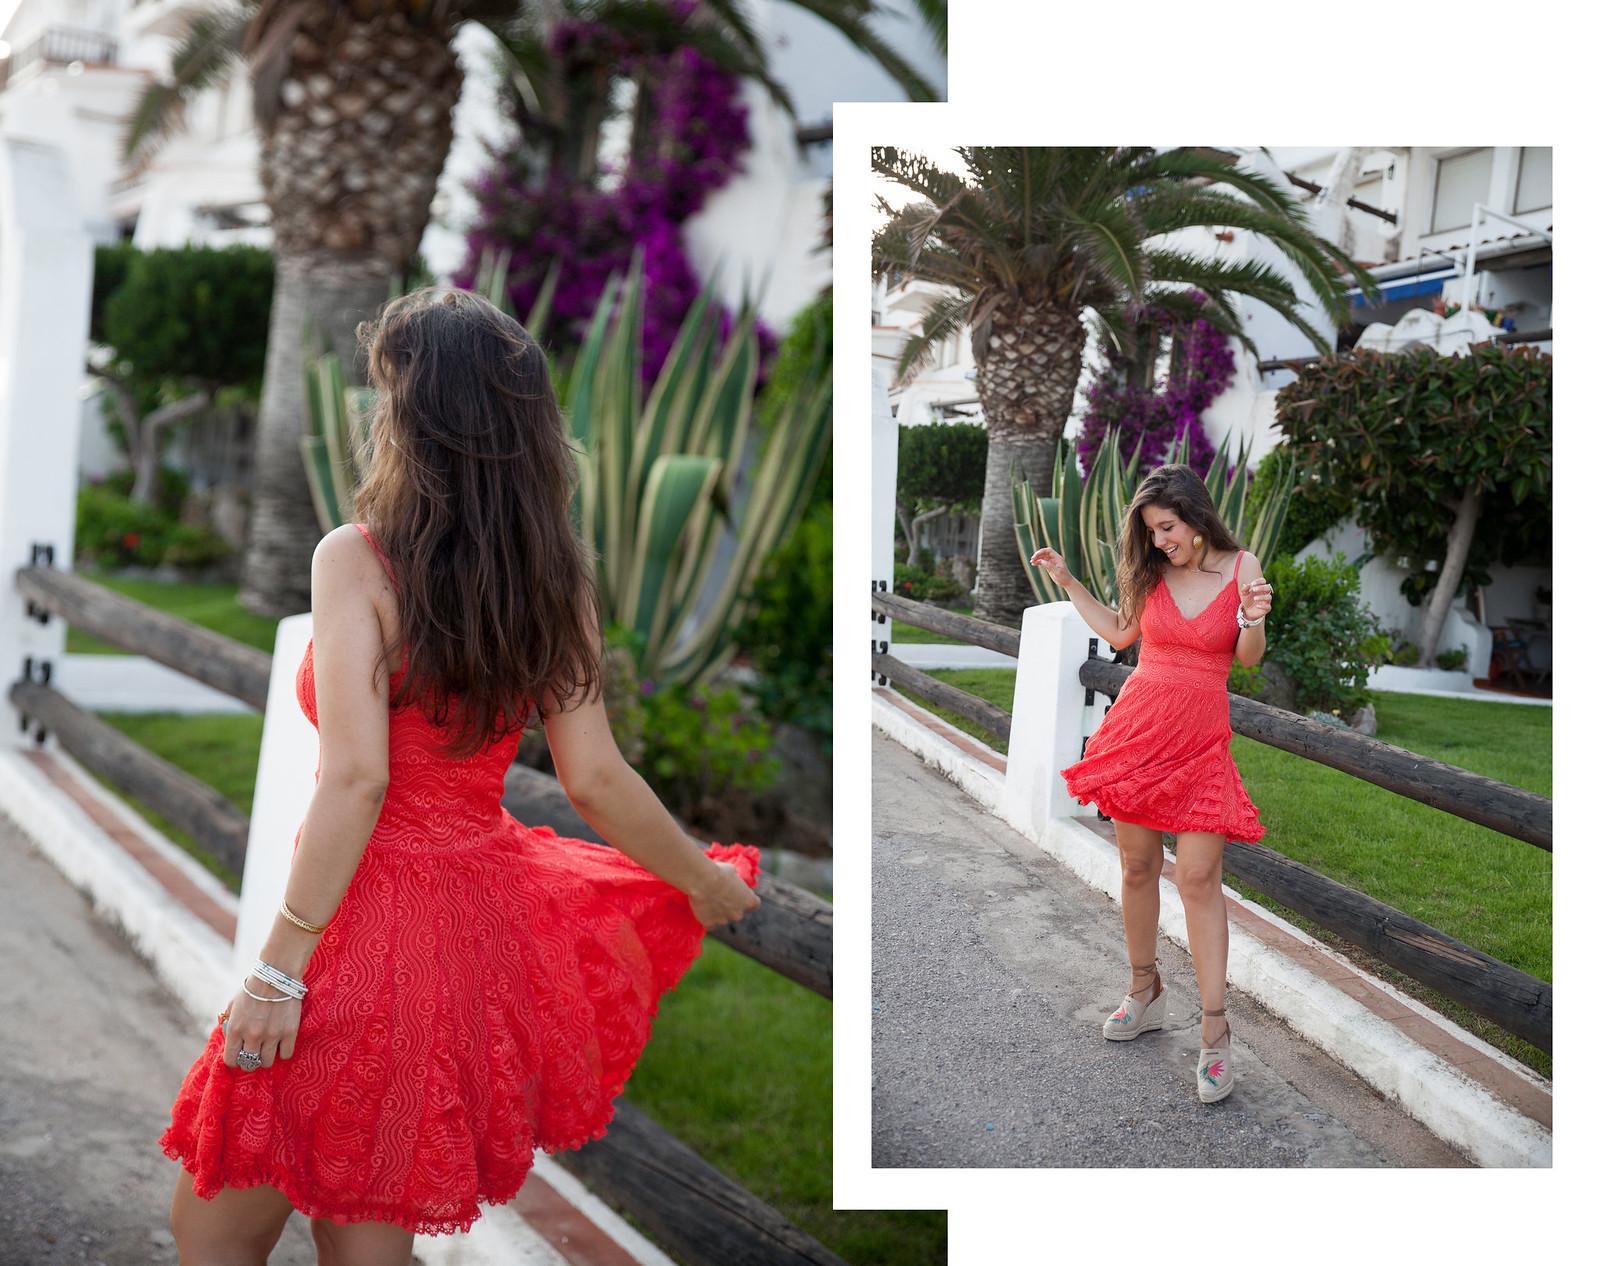 07_como_combinar_vestido_coral_highlypreppy_theguestgirl_influencer_barcelona